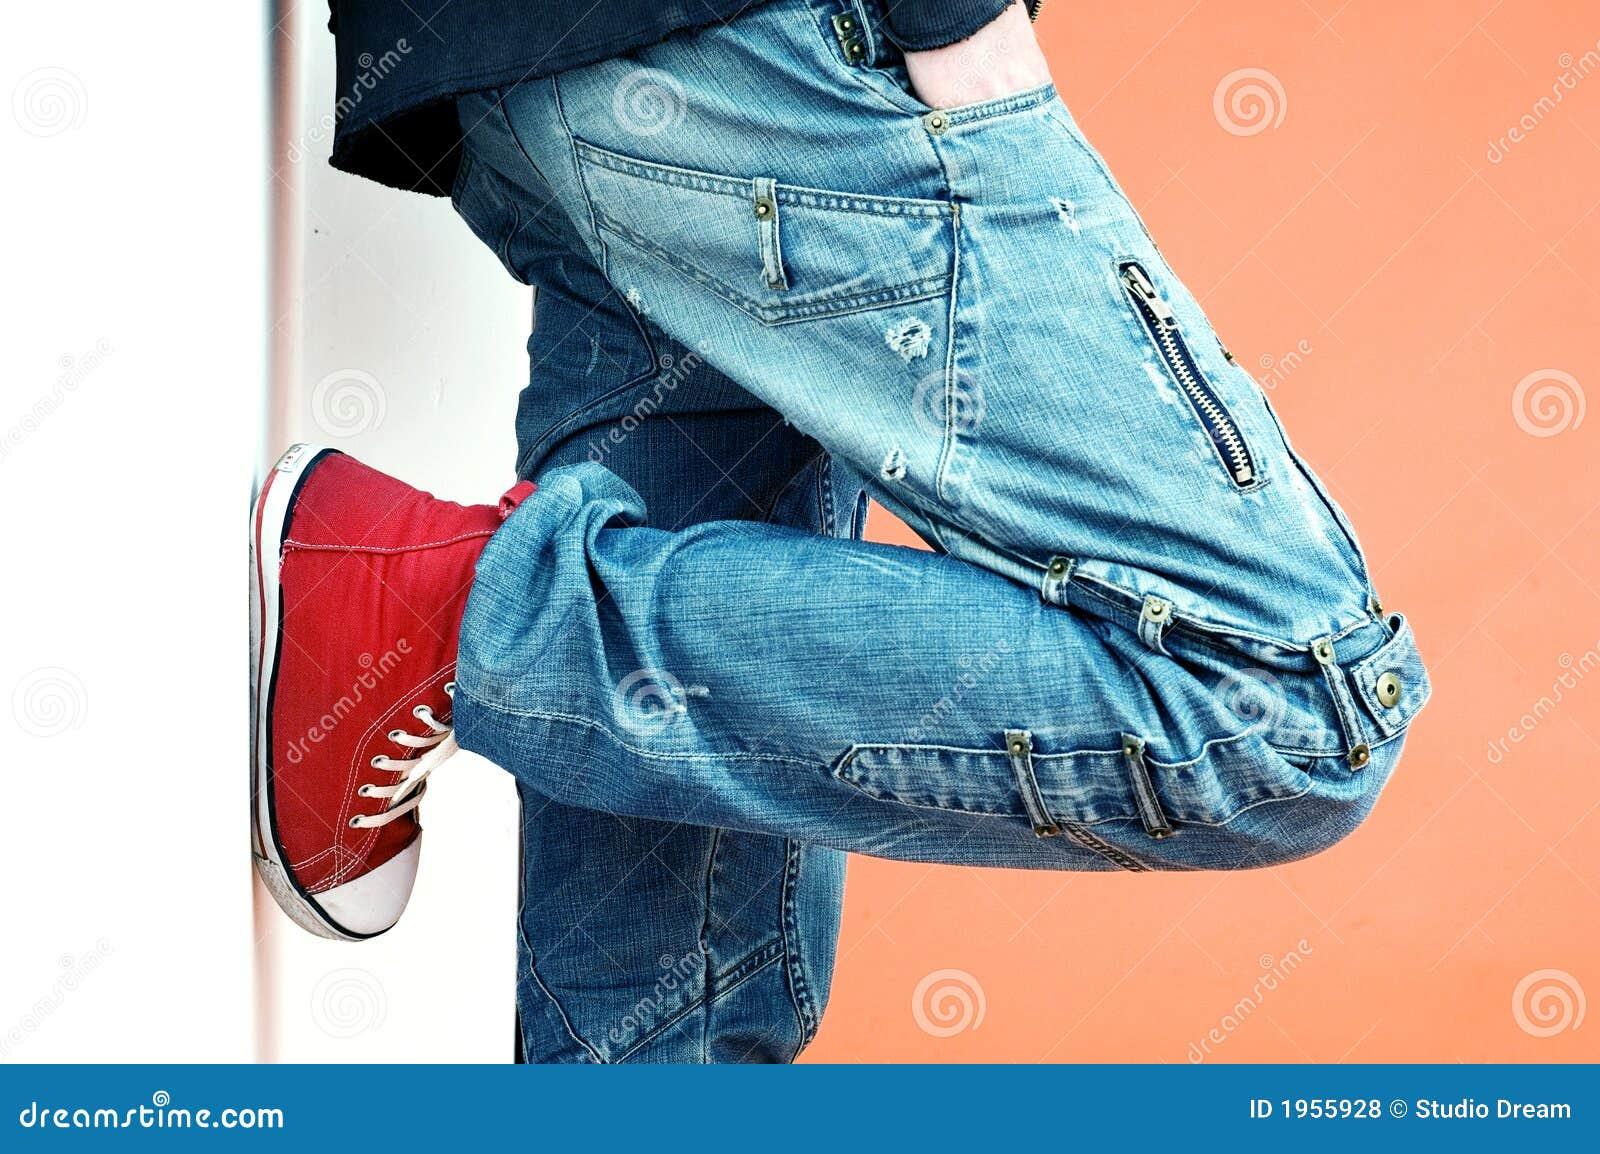 Jeans und Turnschuhe